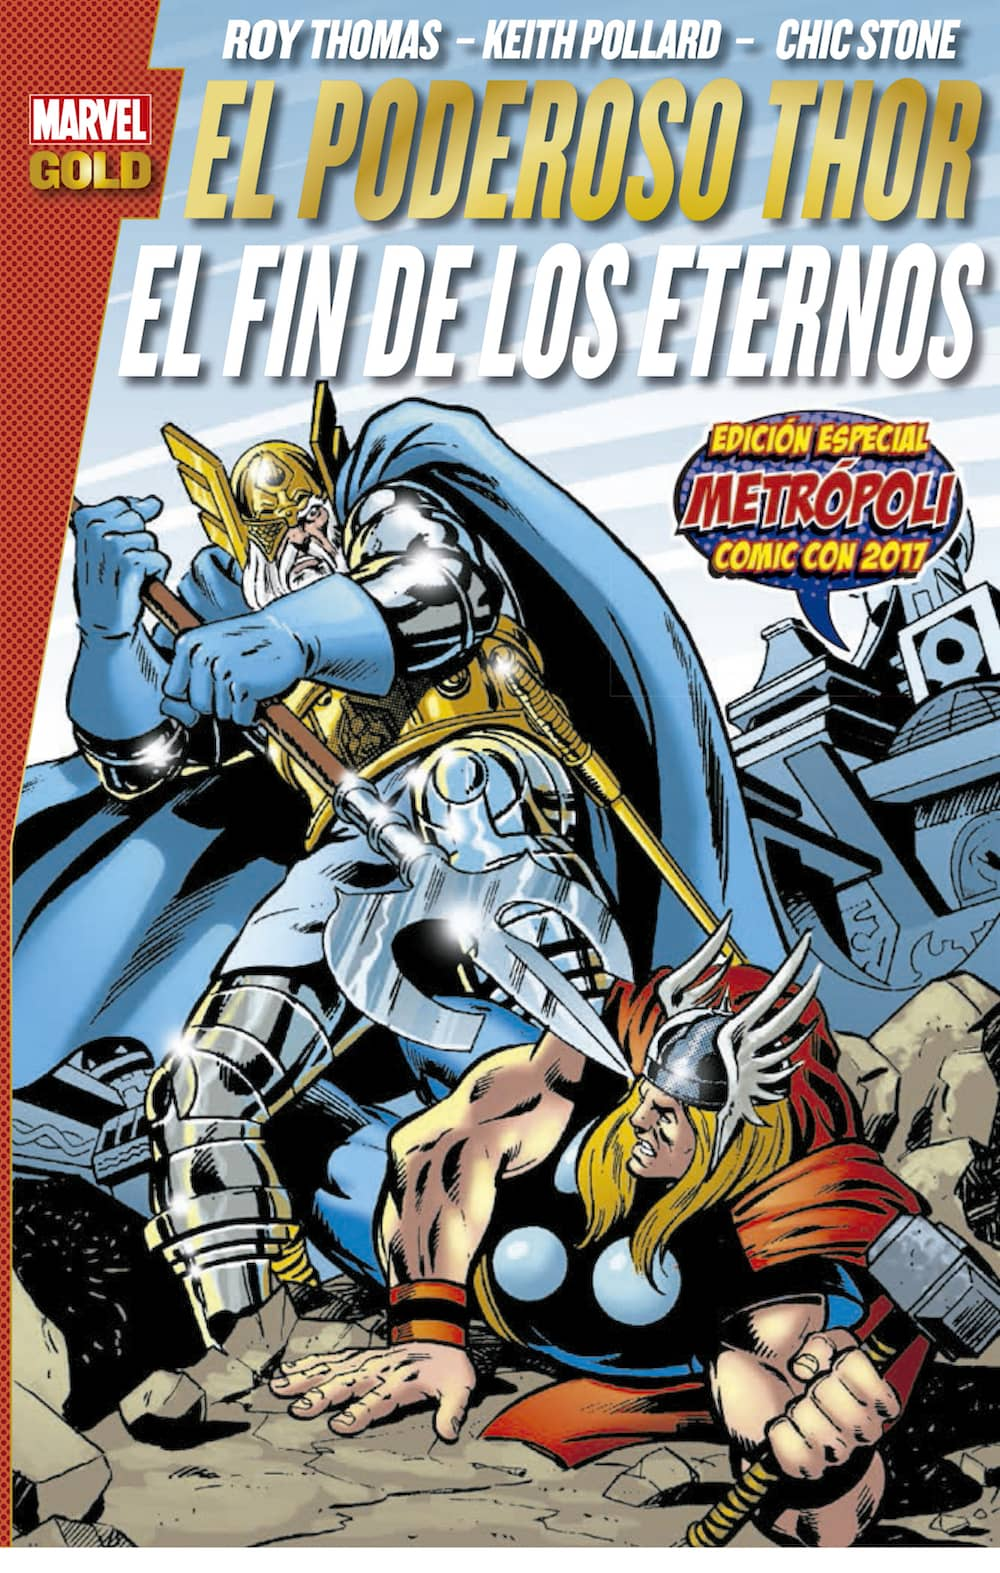 EL PODEROSO THOR: EL FIN DE  LOS ETERNOS  (MARVEL (MARVEL GOLD)